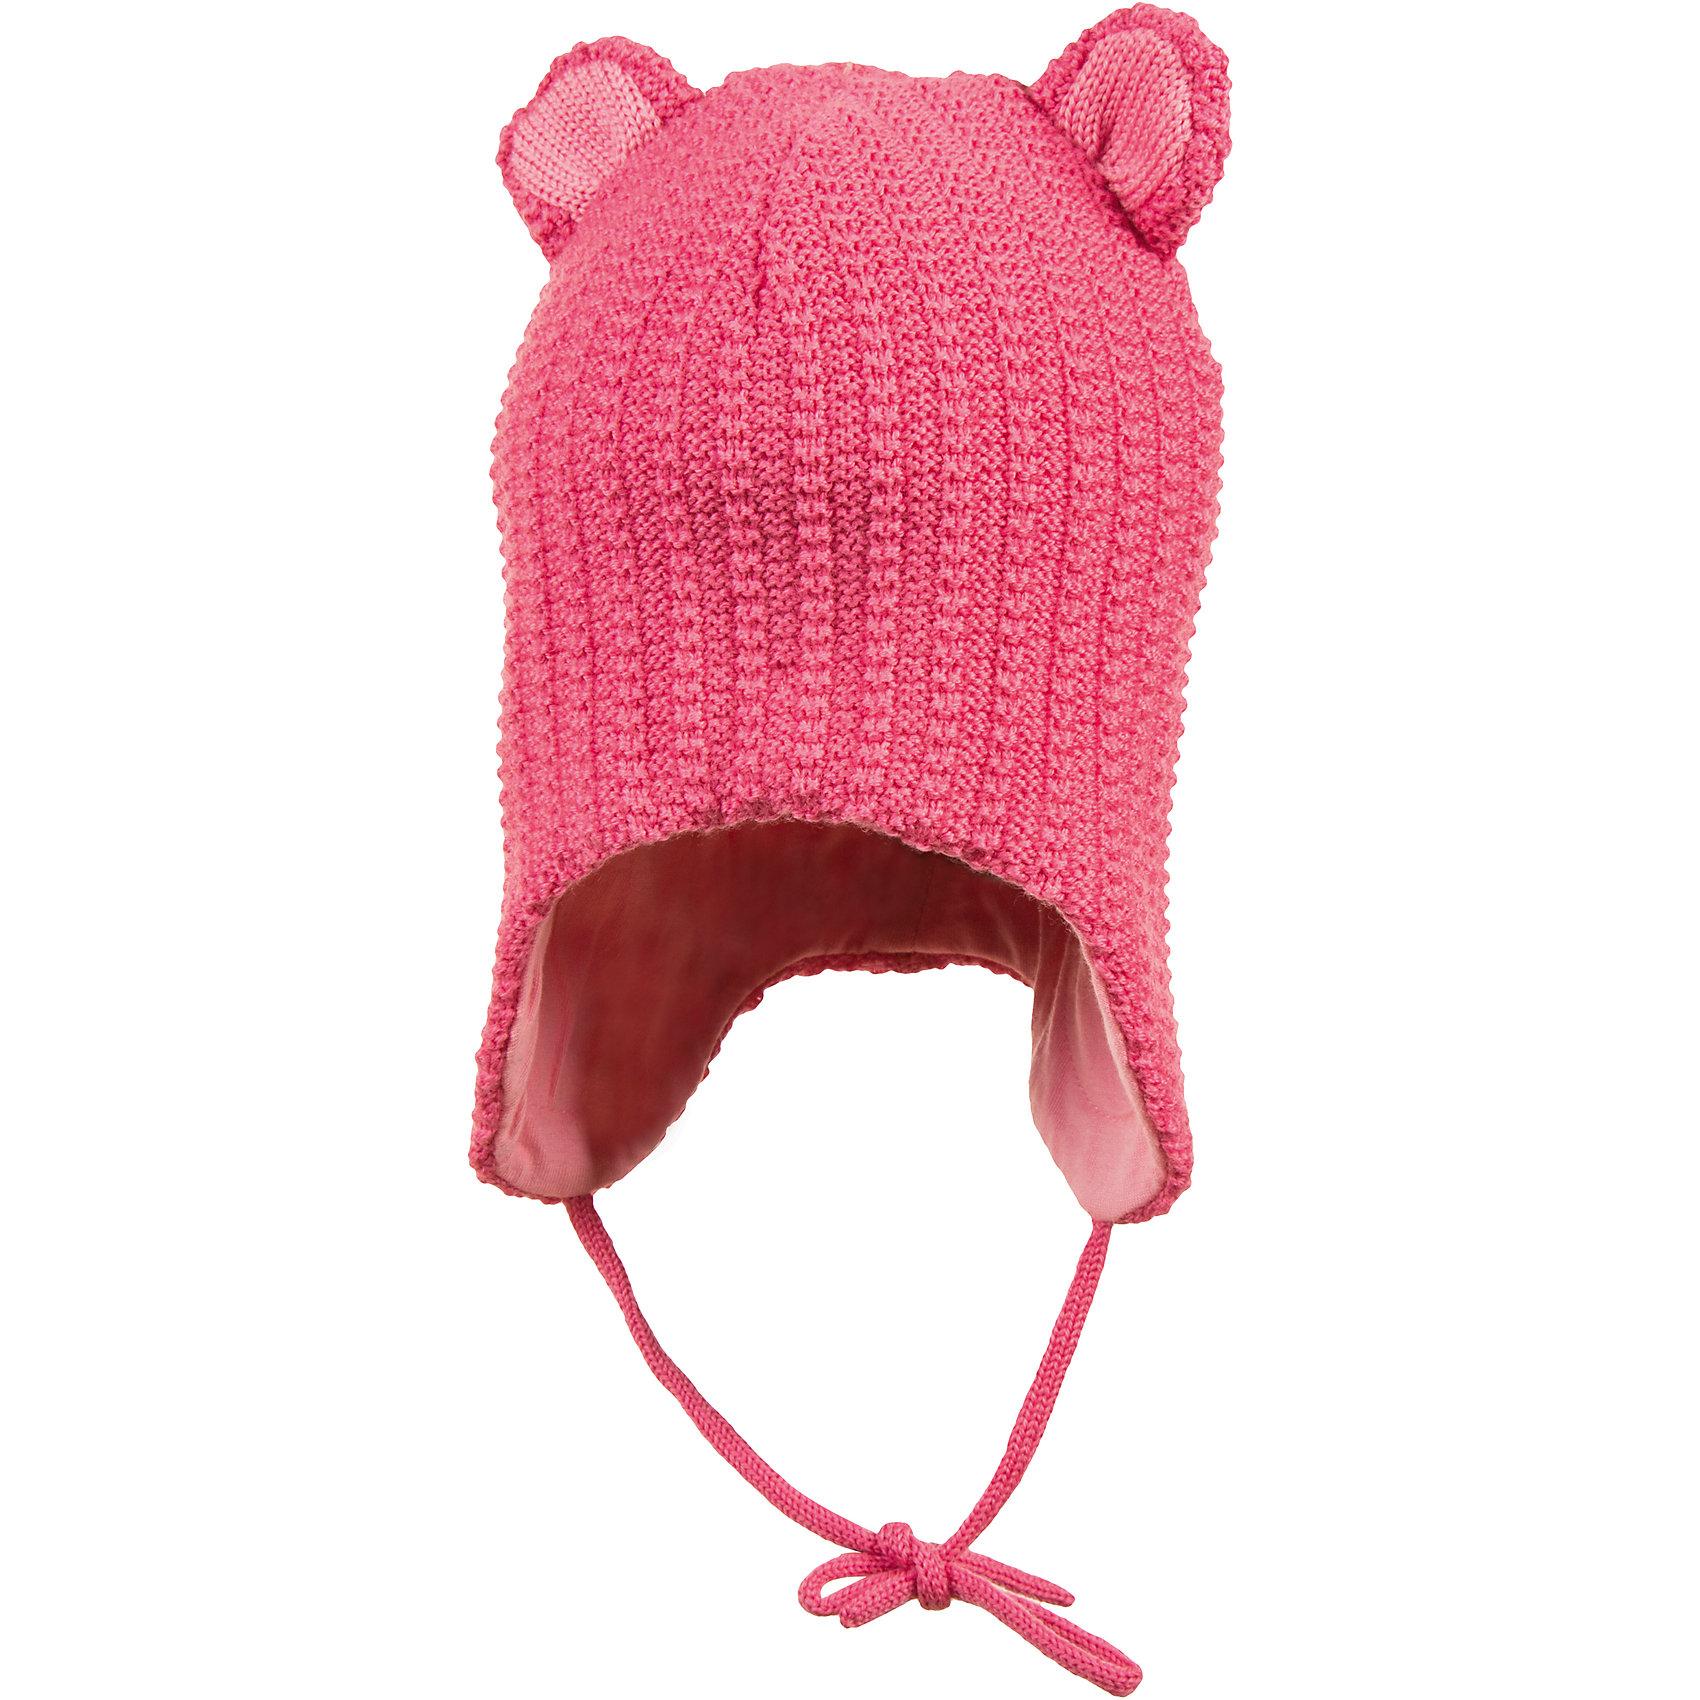 Шапка JanusШапочки<br>Шапка Janus<br>Теплая шапка, надежно защищающая головку и ушки малыша на прогулках, – обязательный элемент детской одежды в холодное время года. Плотная шерстяная шапочка из 100%-ной шерсти мериноса на подкладке из хлопкового трикотажа отвечает самым строгим требованиям заботливых родителей. Она гигроскопична, гипоаллергенна, обладает антибактериальным эффектом и прекрасно сохраняет тепло. <br><br>Благодаря завязкам шапочка плотно прилегает к головке ребенка, защищая ее от холодного ветра и мороза. А разнообразие цветовых вариантов позволит вам подобрать изделие на свой вкус. <br><br>Ребенку обязательно понравится его новая, легкая и теплая шерстяная шапочка с имитацией ушек.  Вам останется только завязать ее под подбородком малыша и отправиться вместе с ним на увлекательную зимнюю прогулку<br><br>Состав:<br>100% шерсть, подкладка 100% хлопок<br><br>Ширина мм: 89<br>Глубина мм: 117<br>Высота мм: 44<br>Вес г: 155<br>Цвет: розовый<br>Возраст от месяцев: 12<br>Возраст до месяцев: 24<br>Пол: Женский<br>Возраст: Детский<br>Размер: 47-49<br>SKU: 5048662